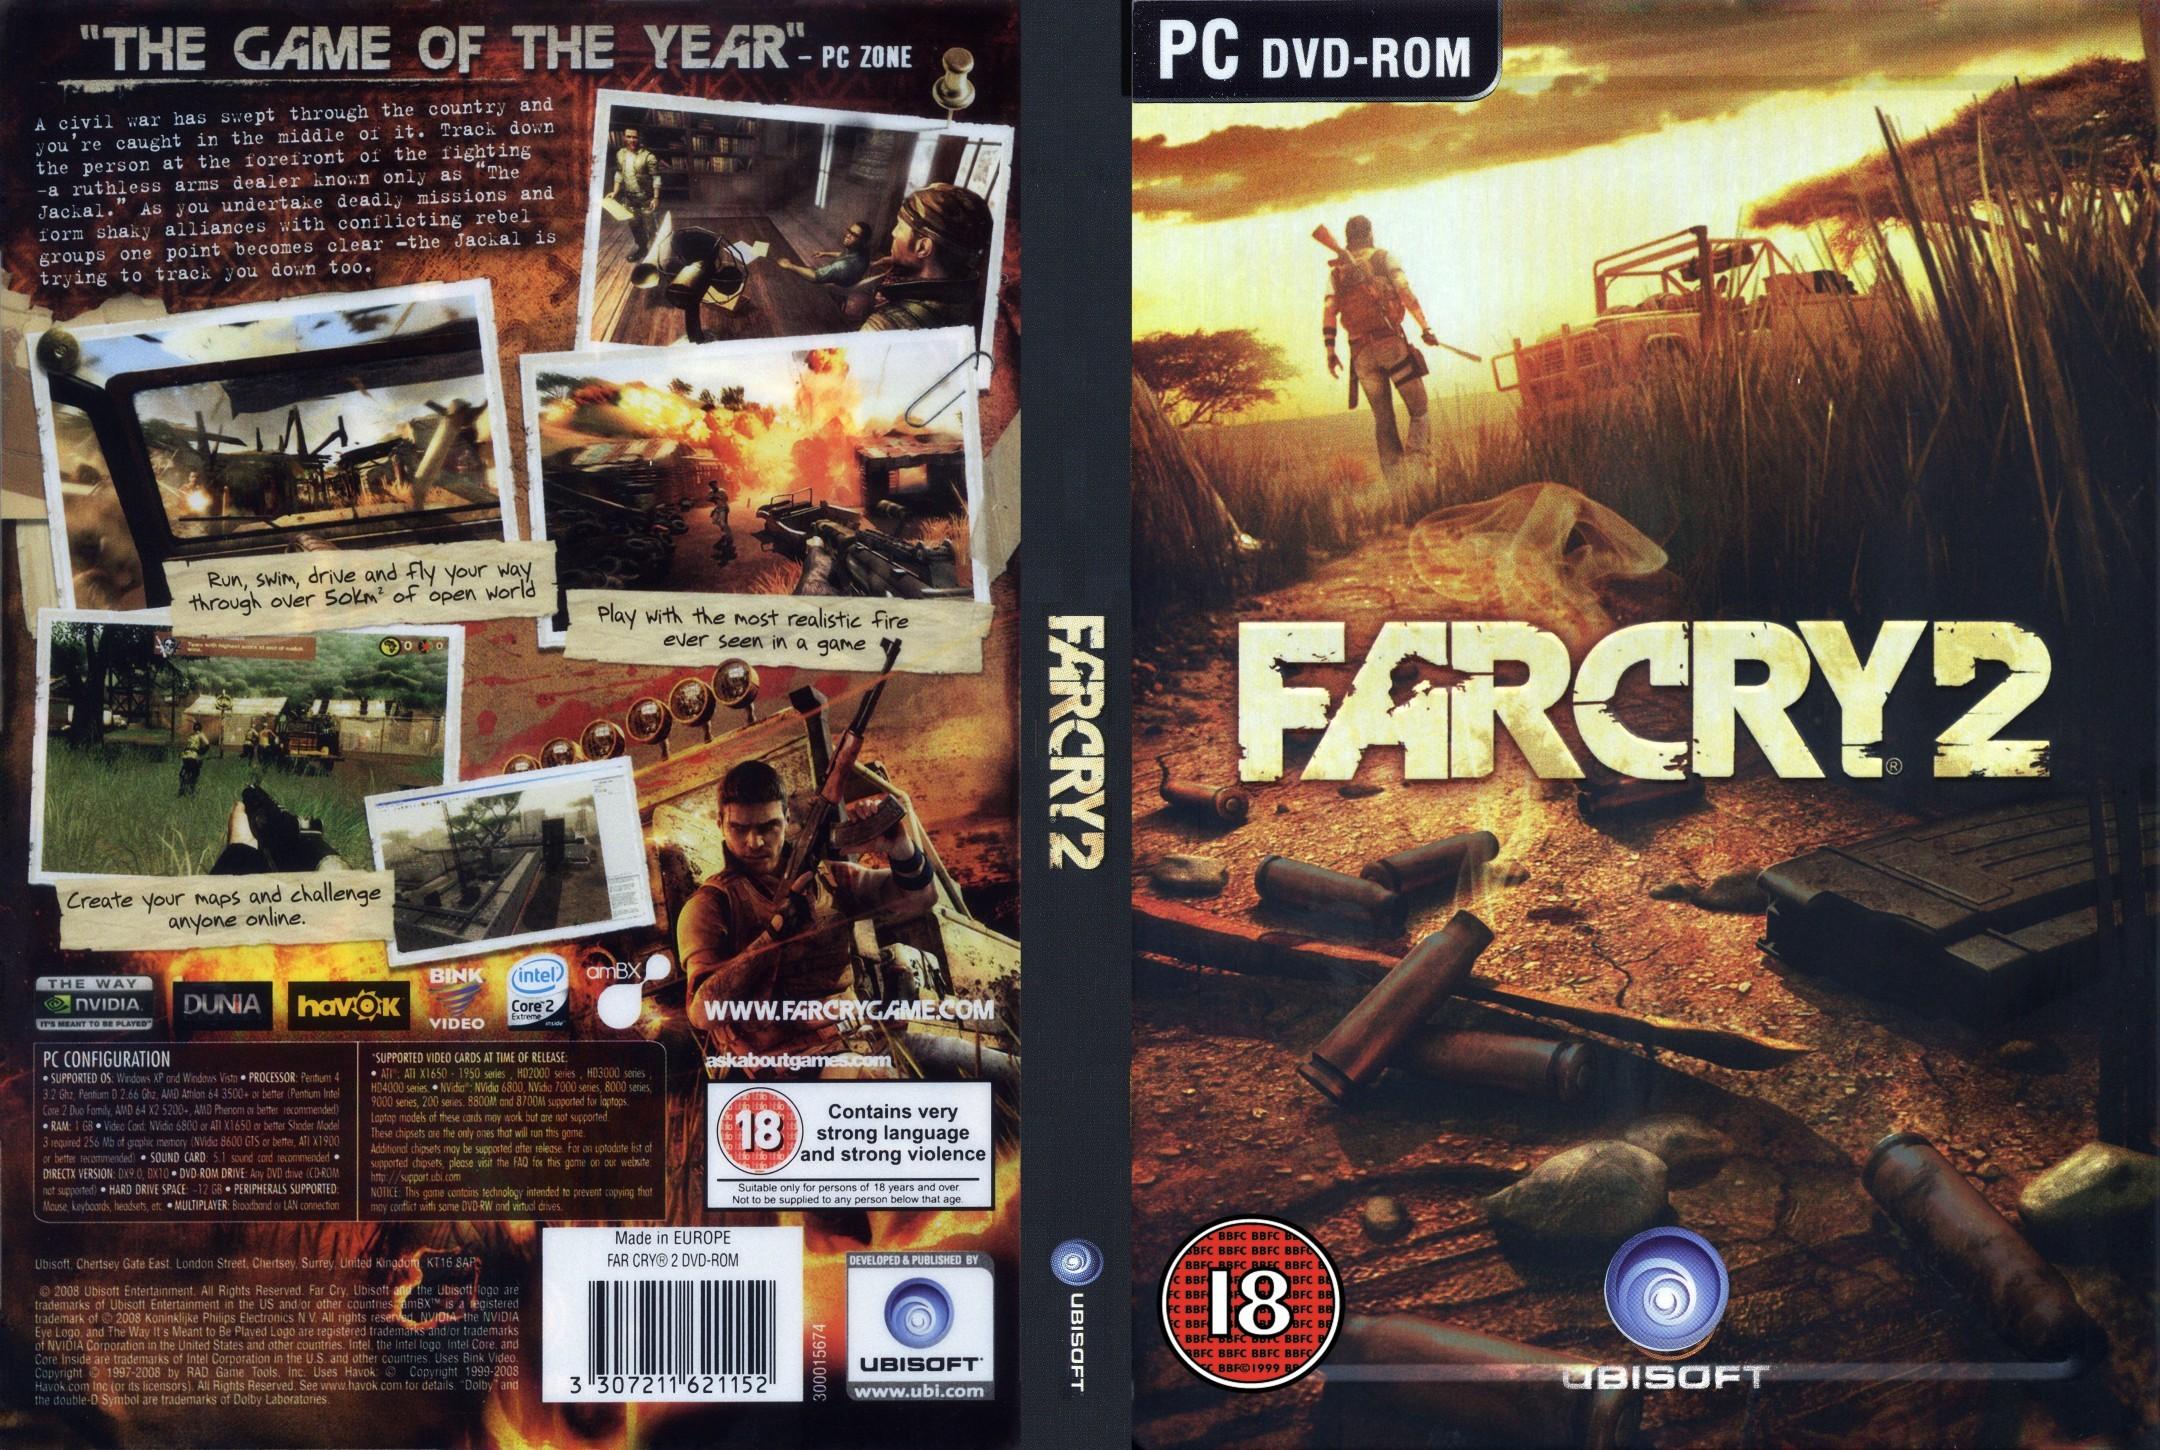 ffd40fa084 - Far Cry 2[PC][Mega][Español][3.60GB] - Juegos [Descarga]